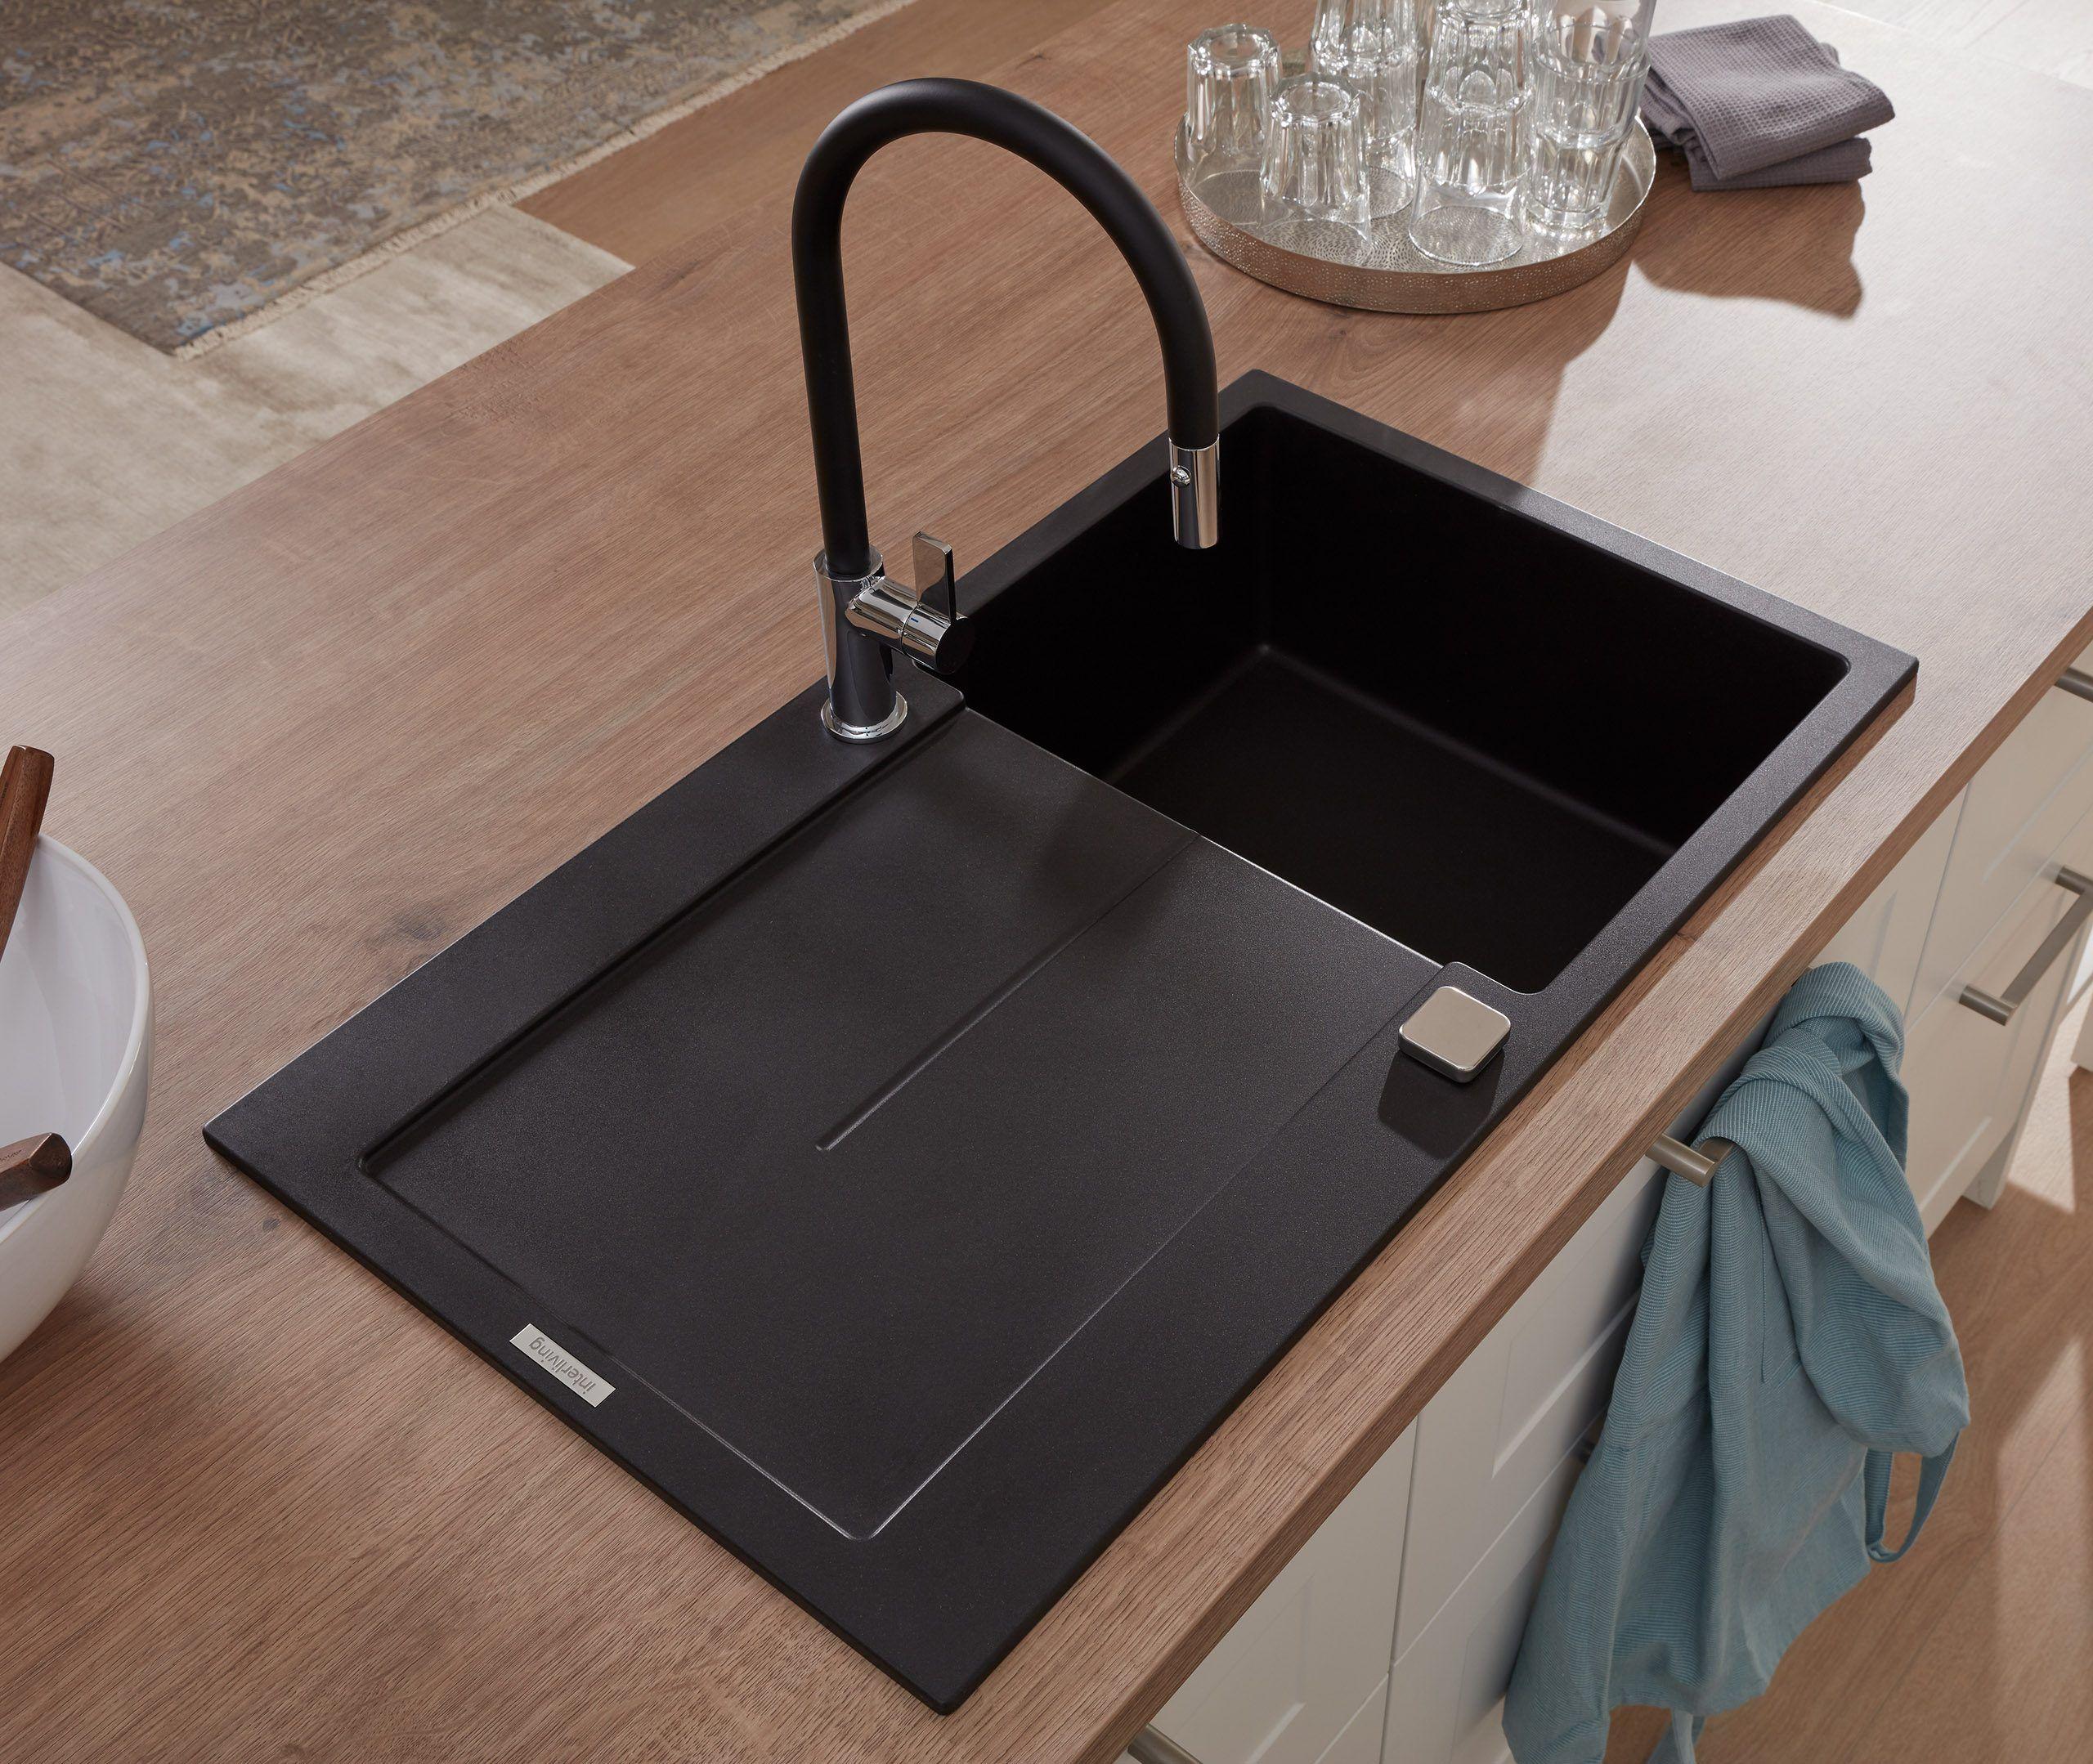 Die Interliving Küche Serie 19 hat eine exklusive Einbauspüle in